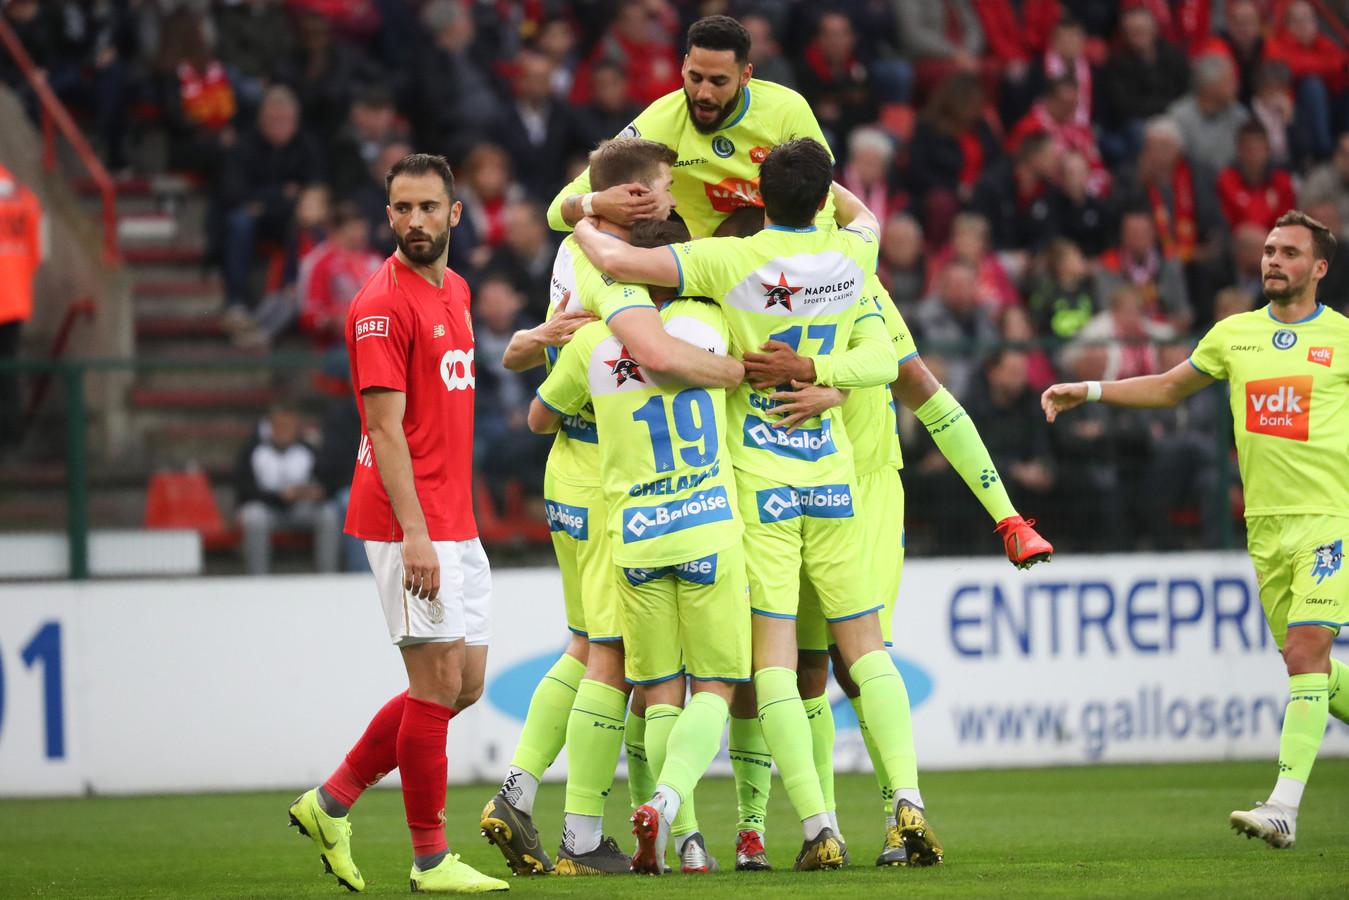 Brecht Dejaegere avait pourtant donné l'avantage aux Gantois dès la douzième minute de jeu.